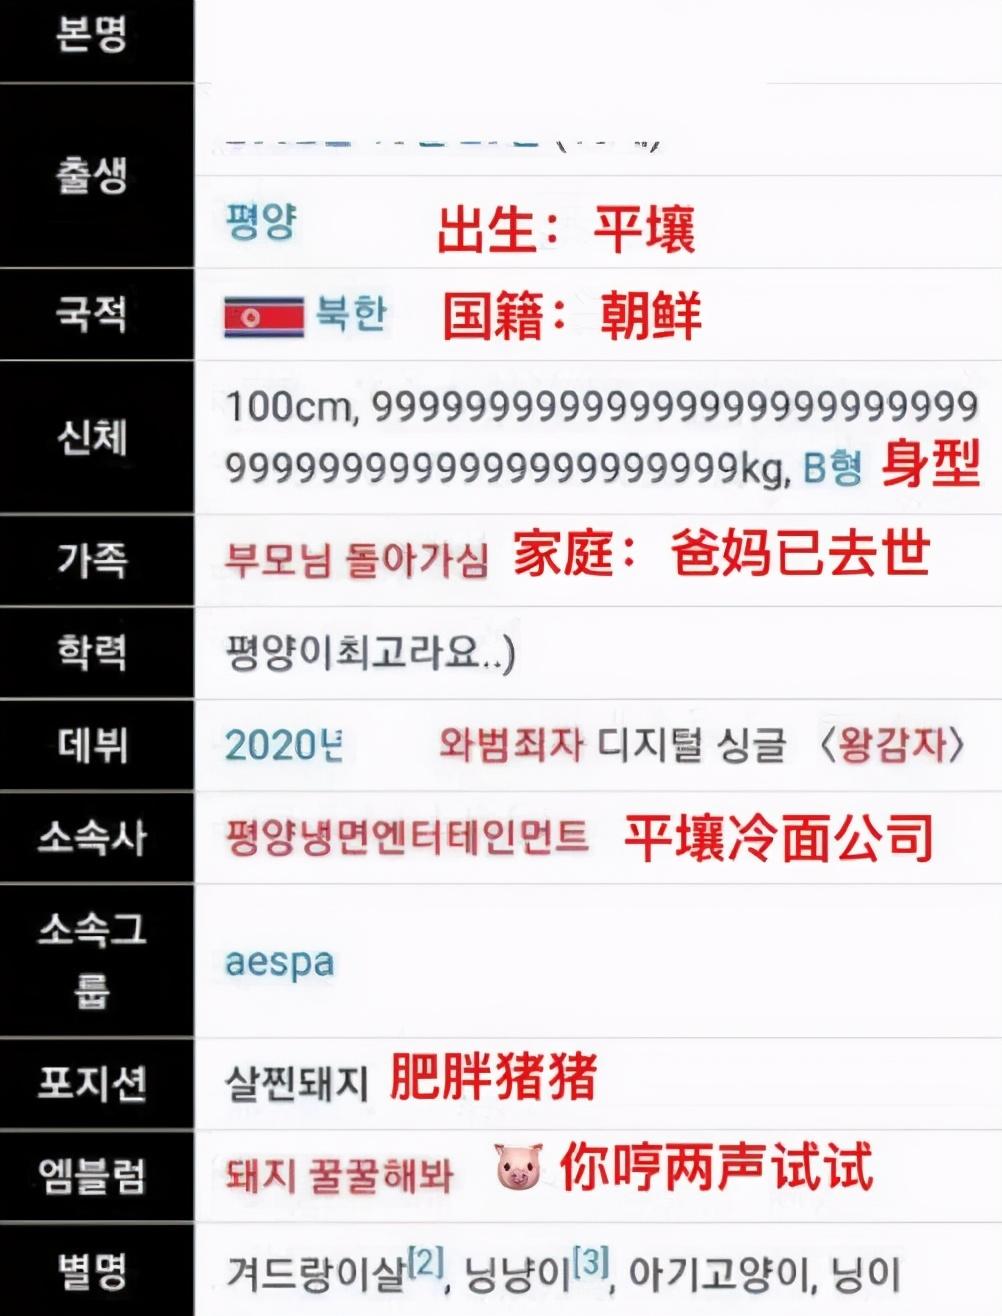 aespa宁艺卓的个人资料被韩国网友篡改:只因为她来自中国